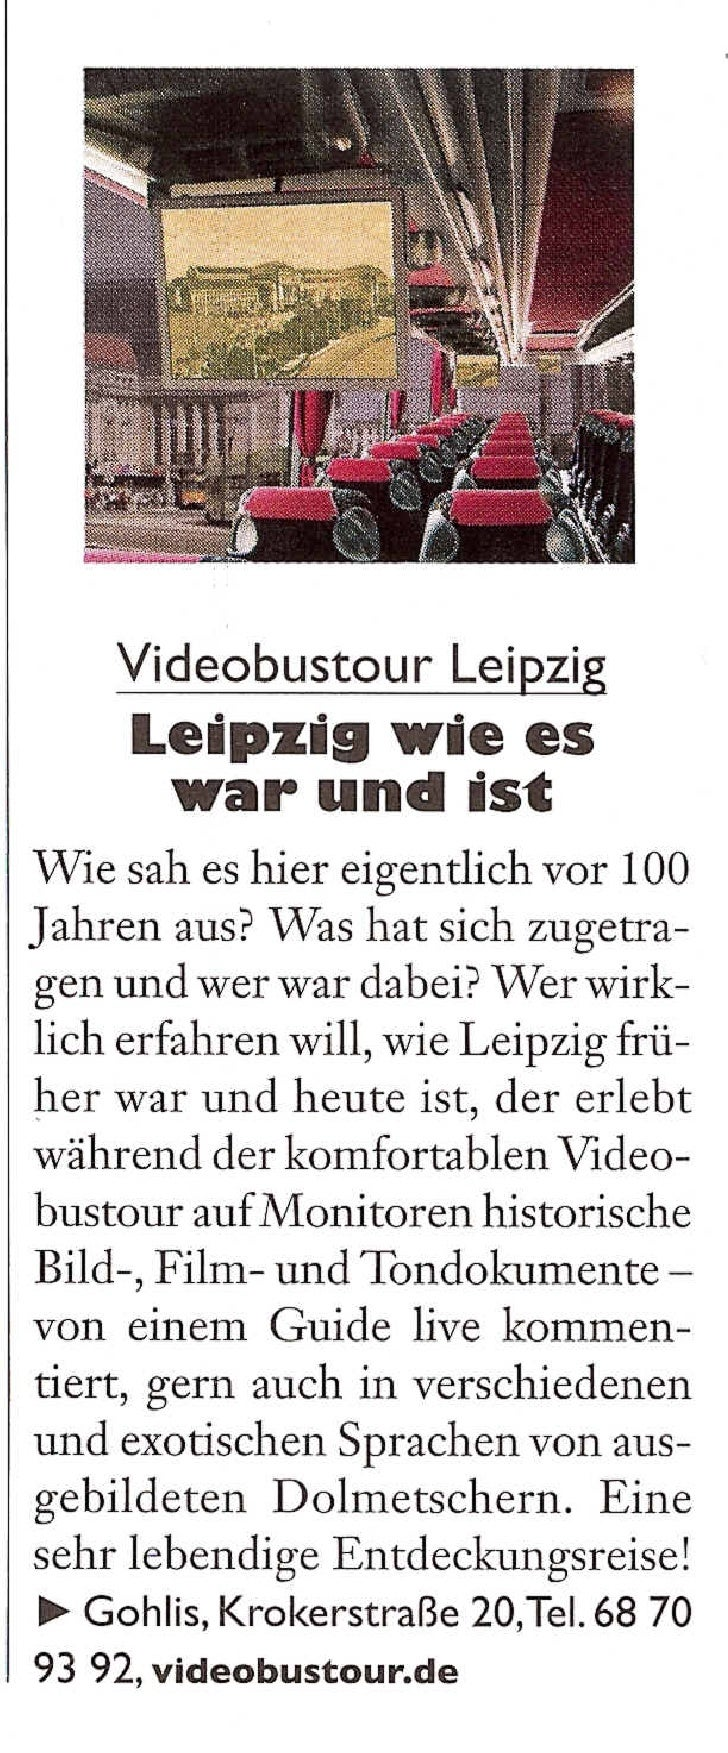 Videobustour - Prinz Leipzig